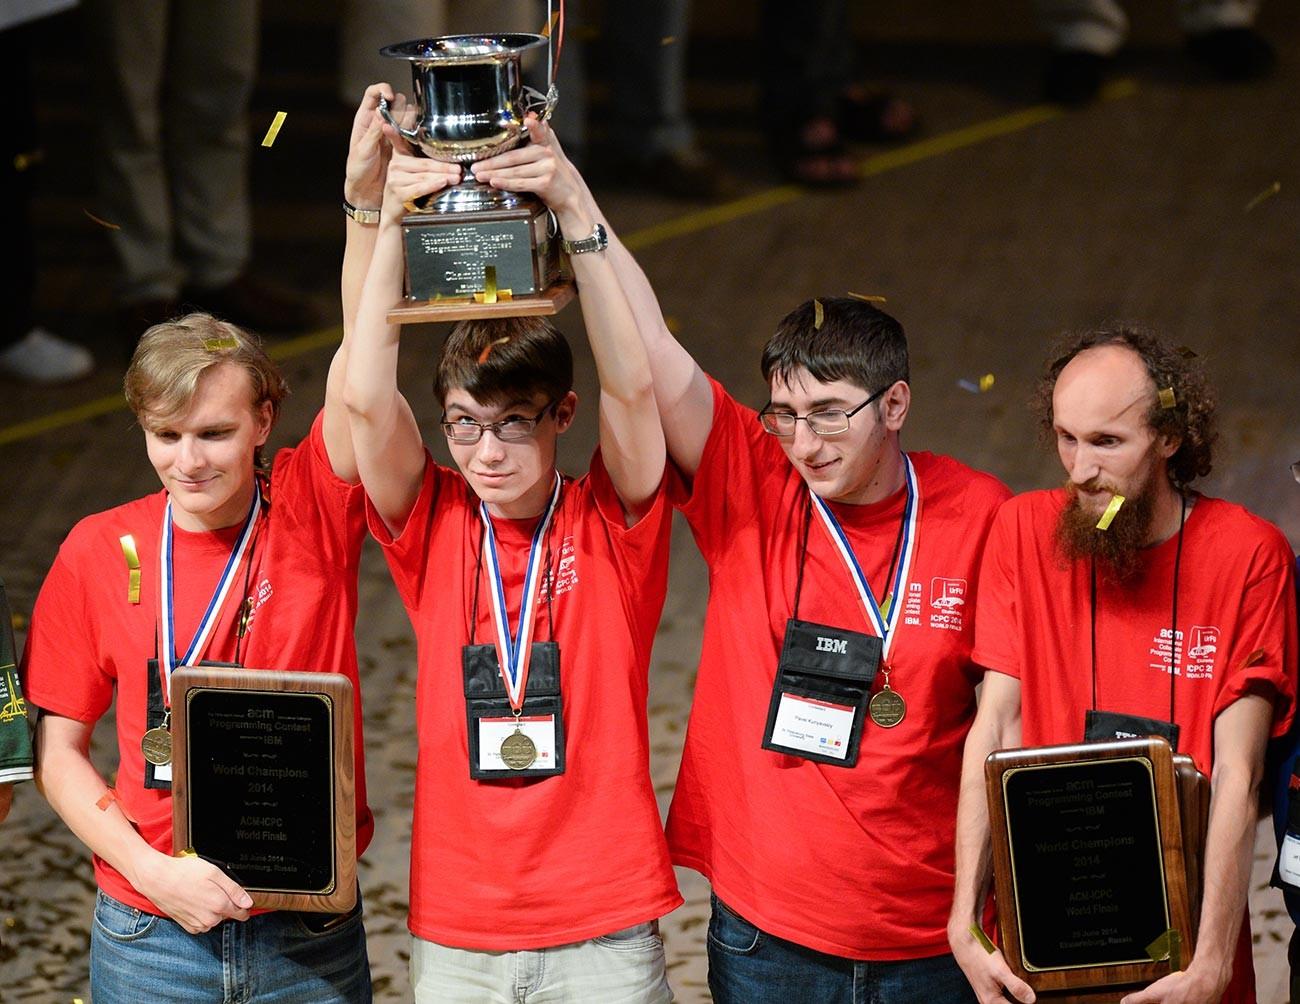 プログラミング大会に優勝したサンクトペテルブルク大学のチーム